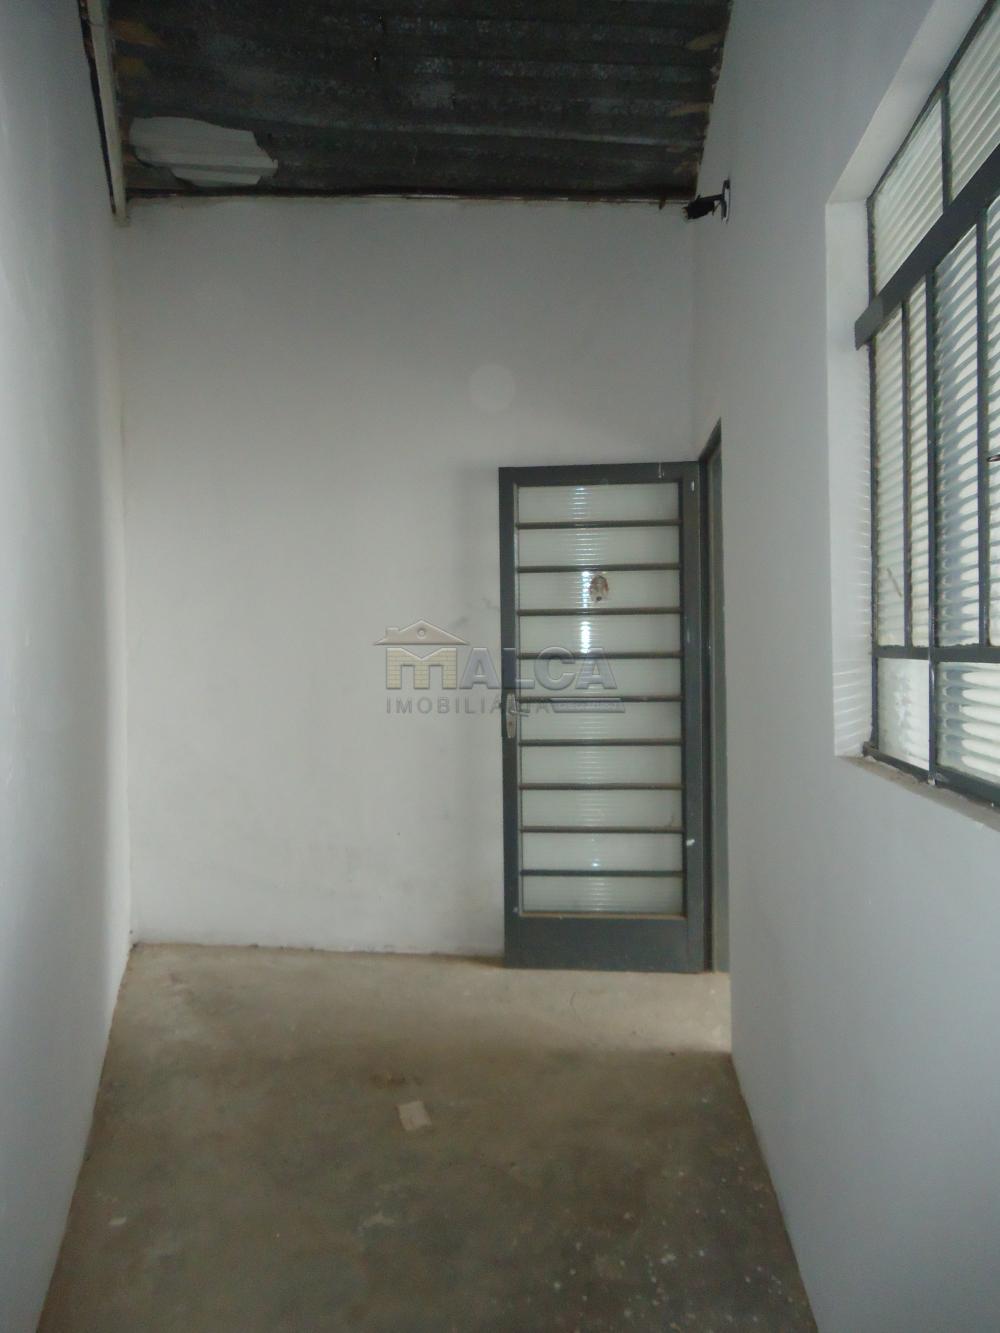 Alugar Comerciais / Barracões em São José do Rio Pardo R$ 3.500,00 - Foto 32